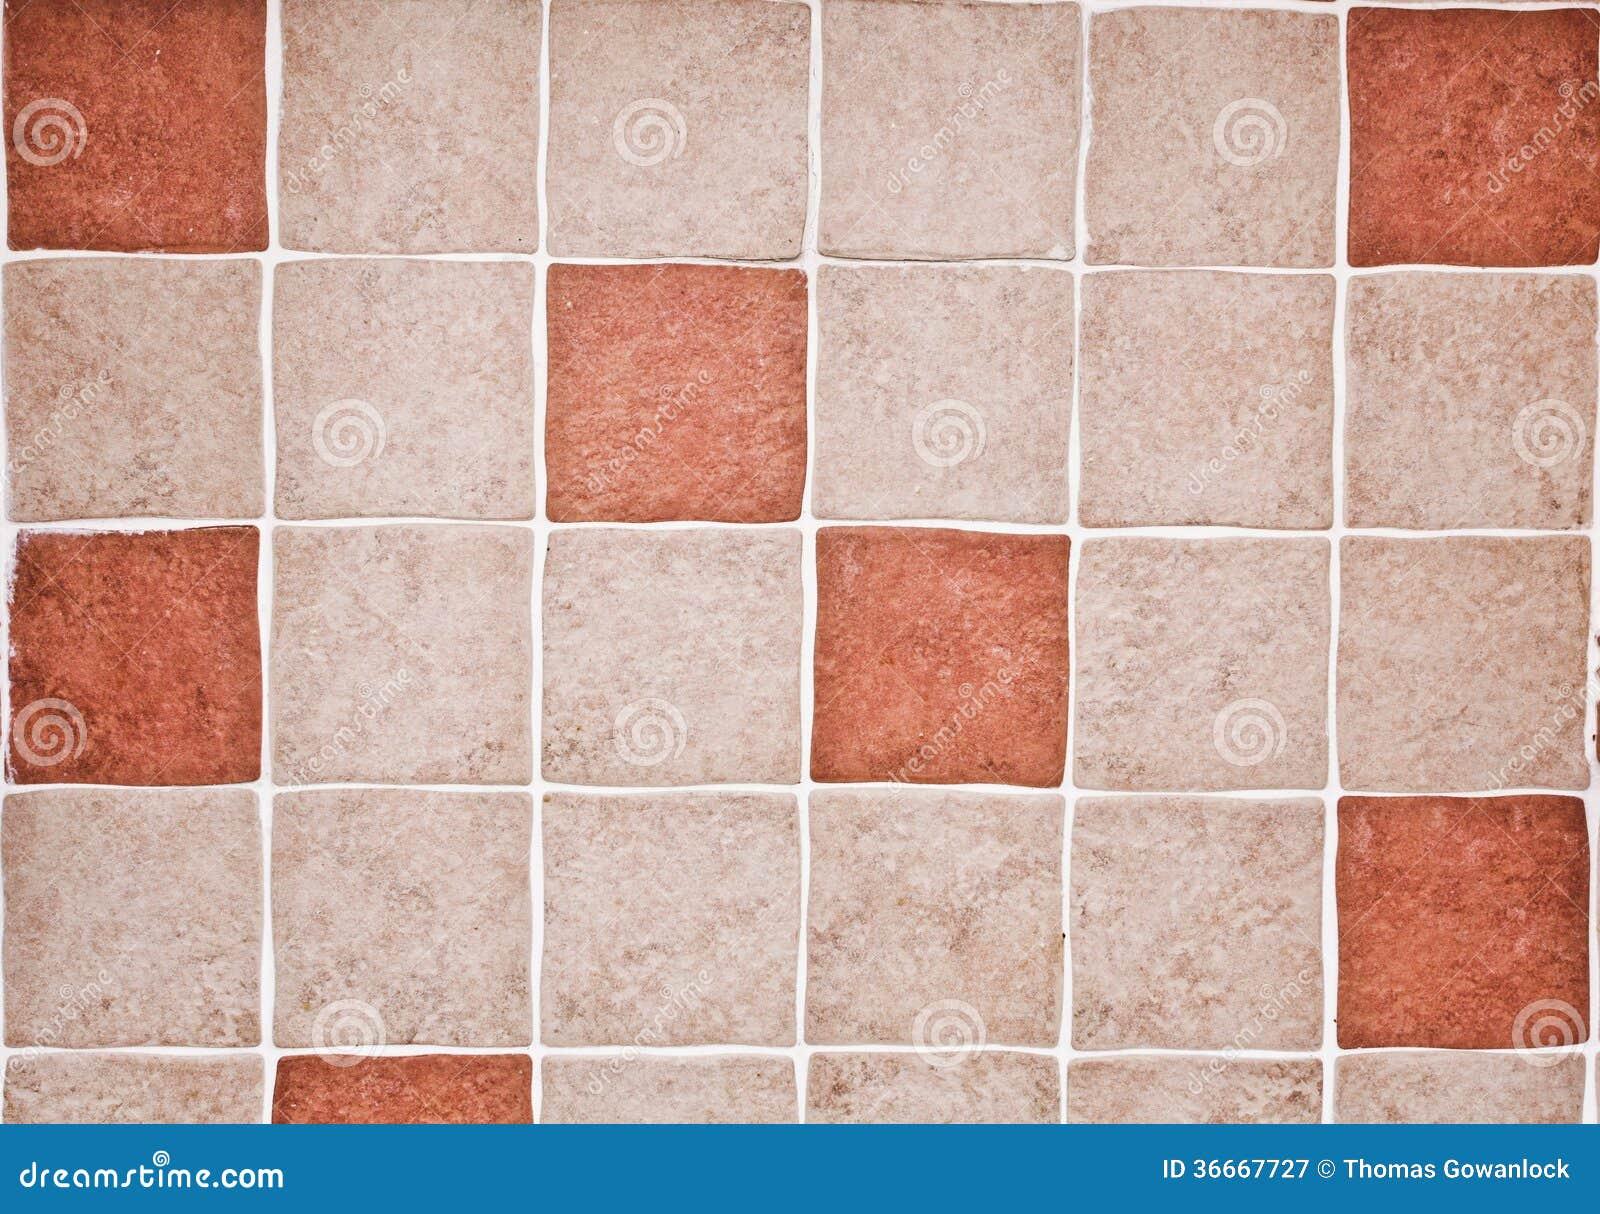 keukentegels met afbeeldingen : Keukentegels Stock Afbeelding Afbeelding Bestaande Uit Macro